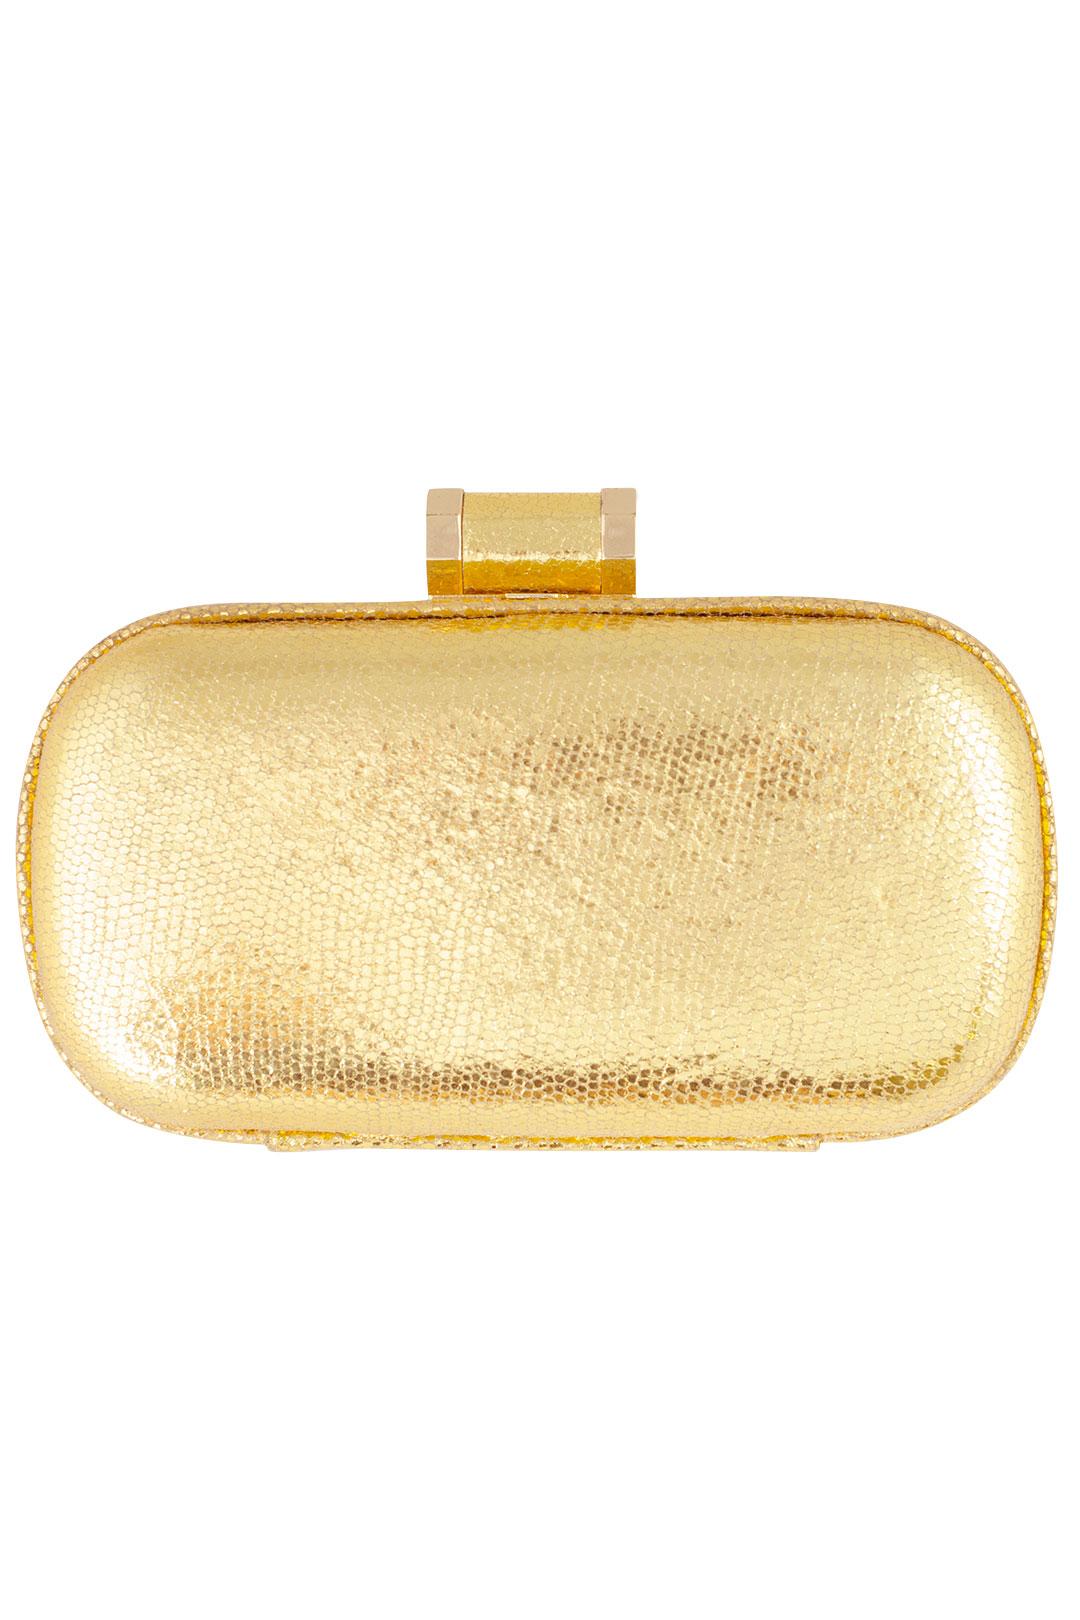 Golden Ticket Clutch by Halston Heritage Handbags at $10 | Rent The Runway